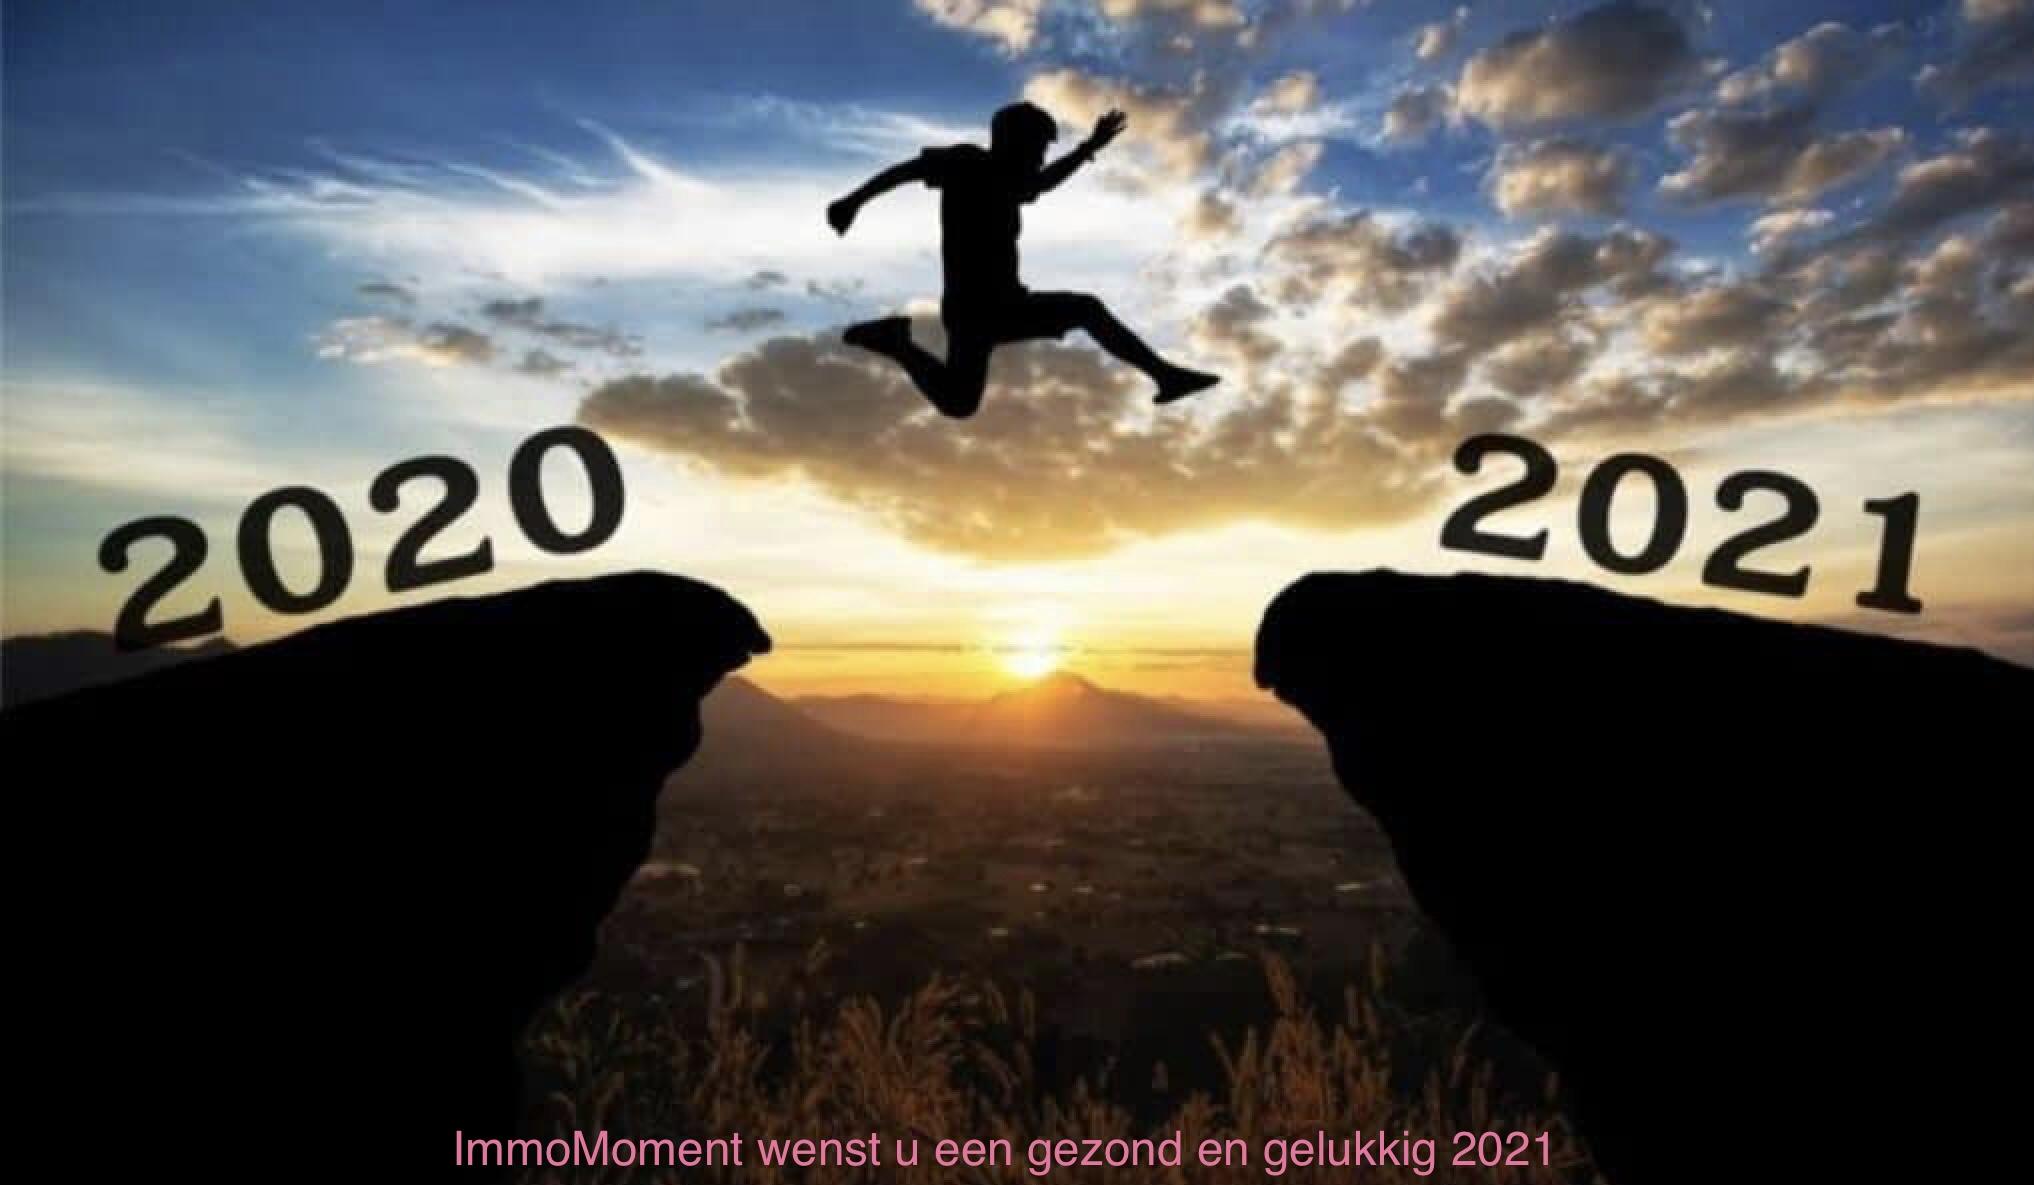 2 JAN 2021